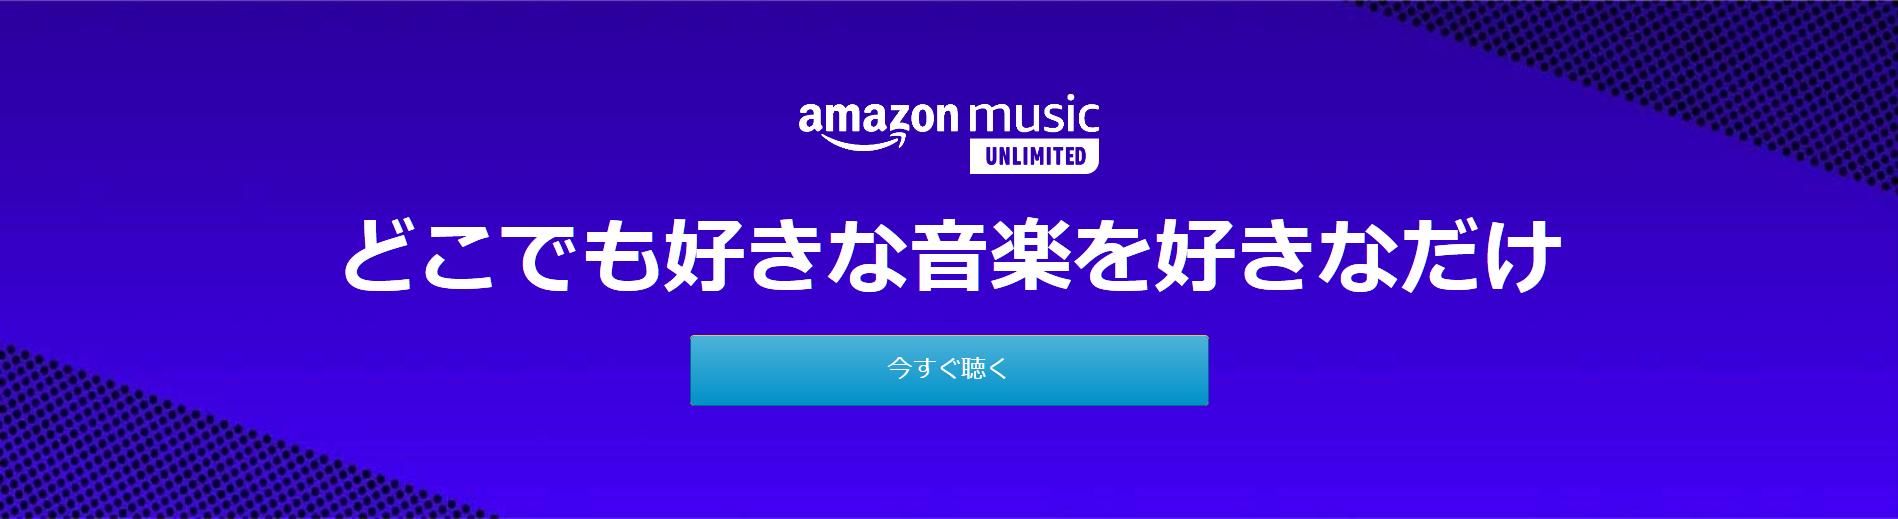 Amazon Music Unlimitedの3か月無料キャンペーンが開催中なので登録してみた